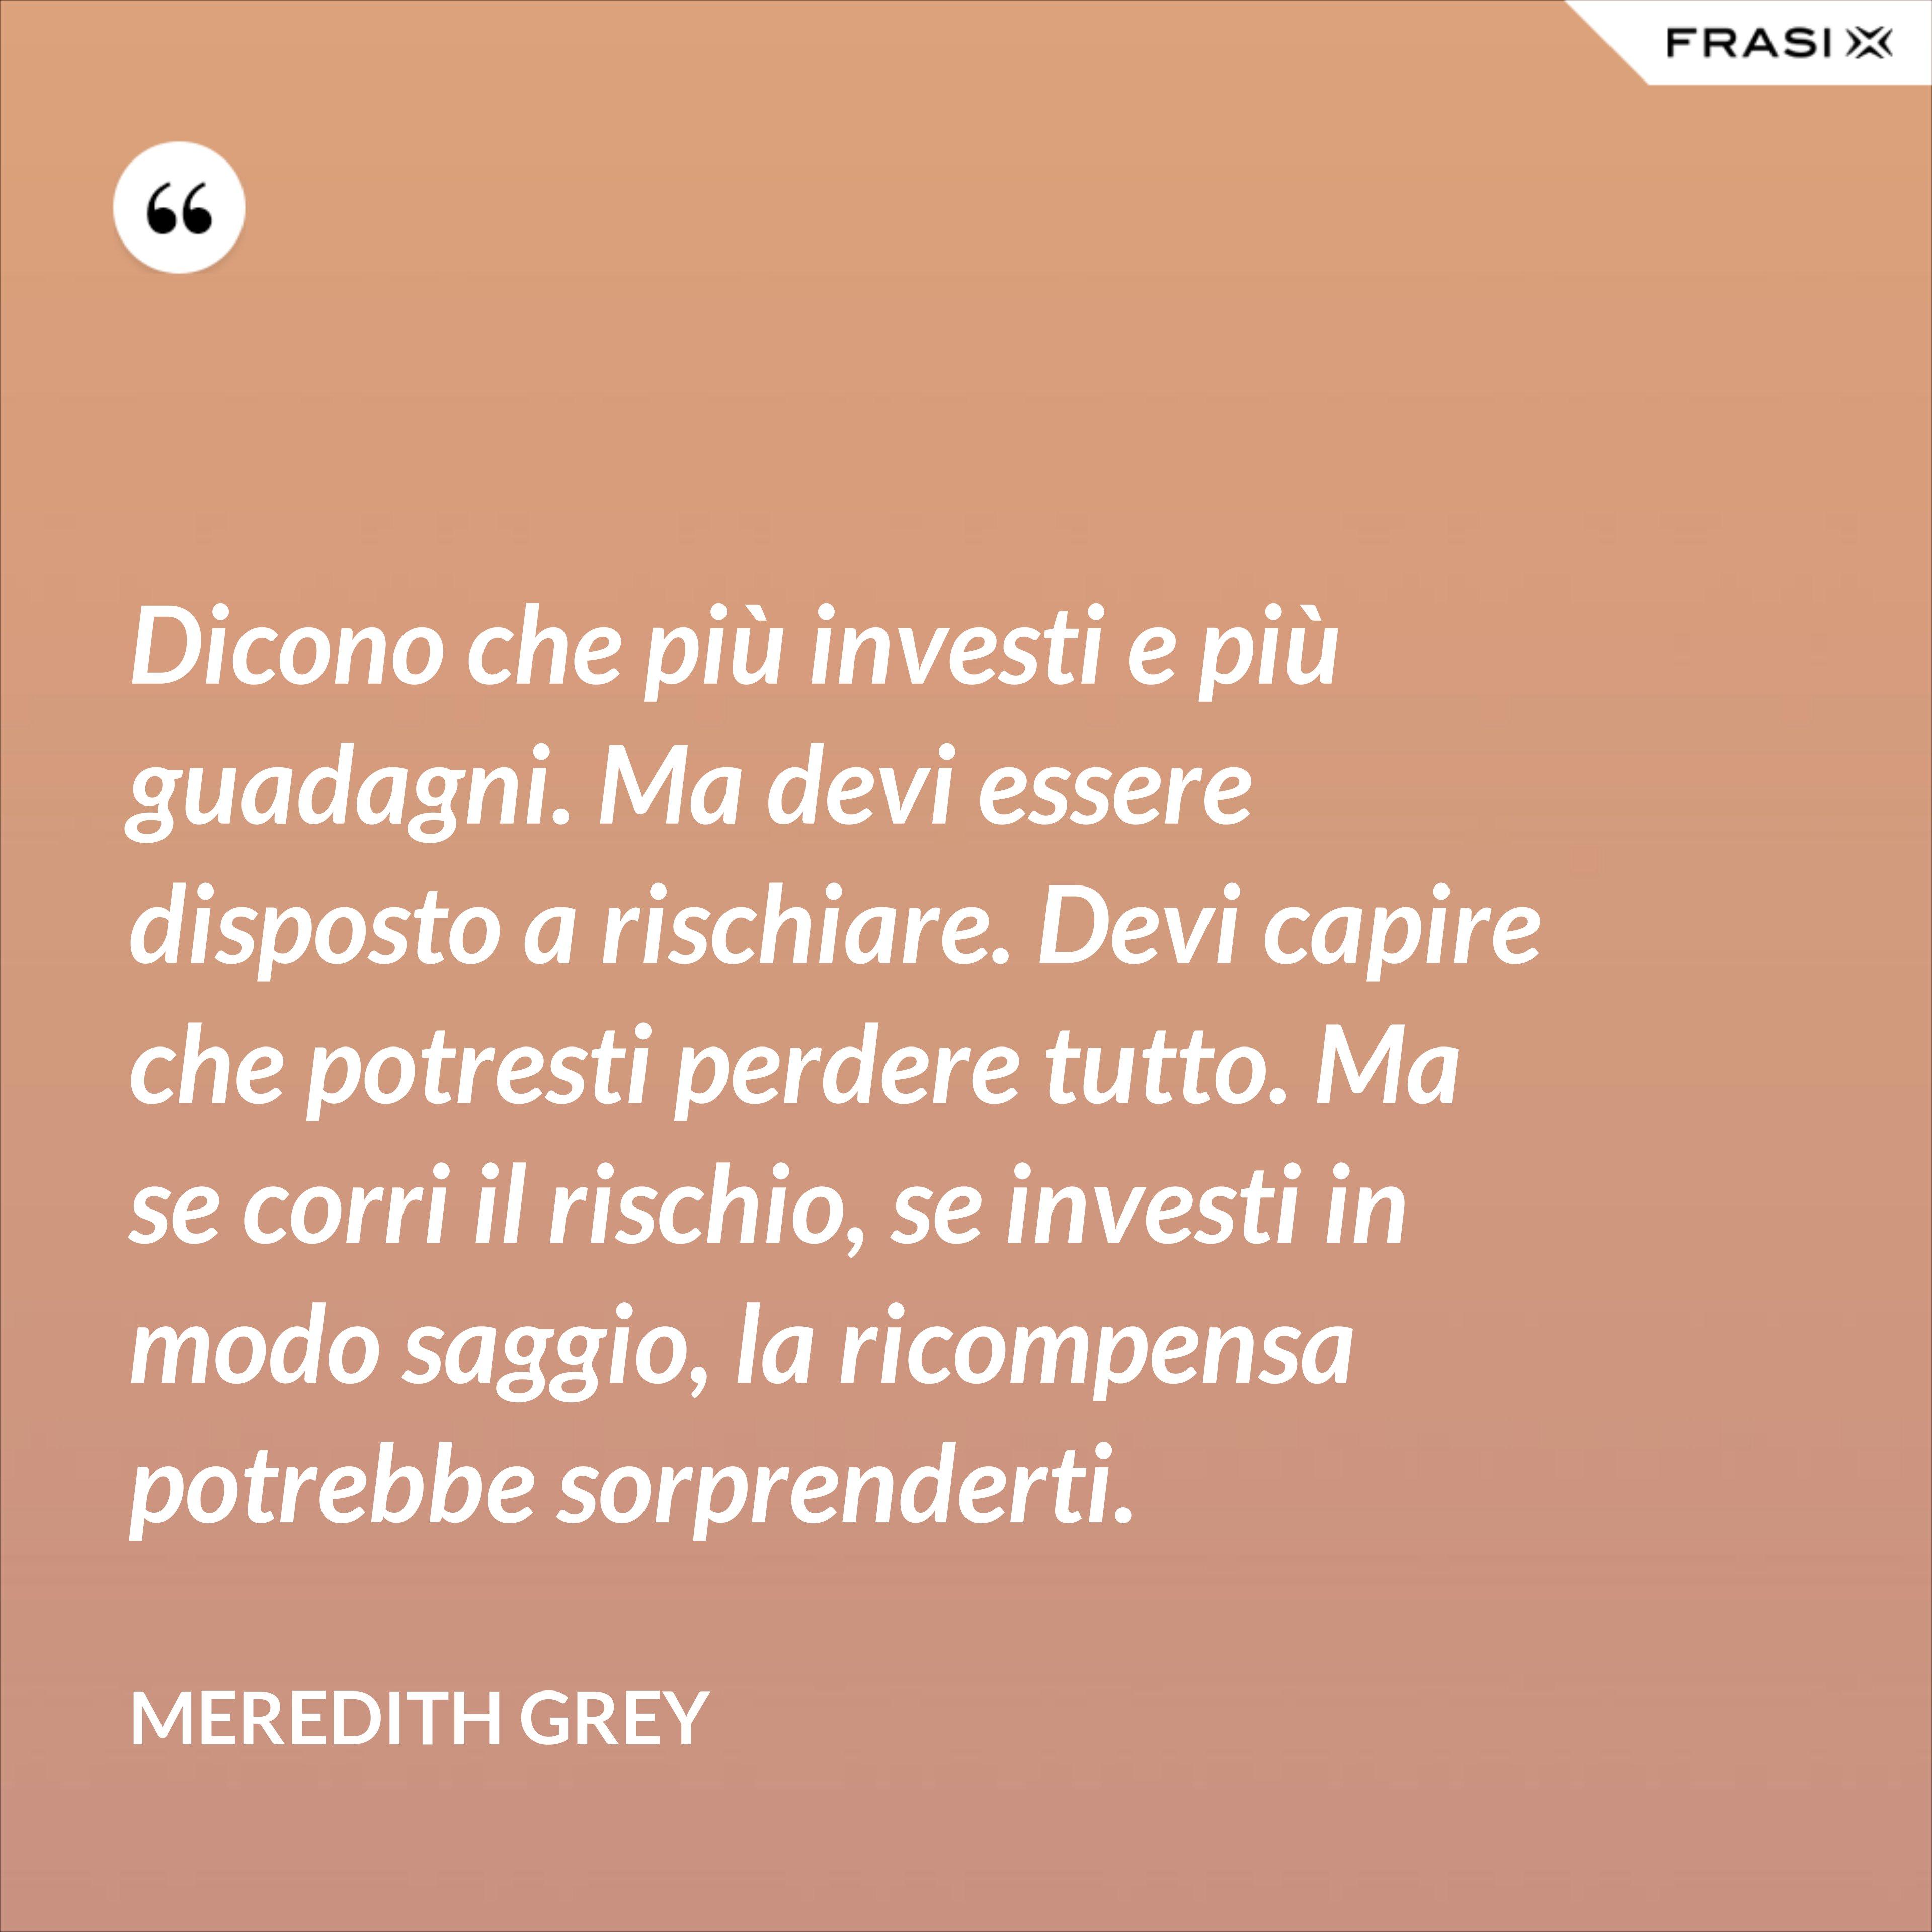 Dicono che più investi e più guadagni. Ma devi essere disposto a rischiare. Devi capire che potresti perdere tutto. Ma se corri il rischio, se investi in modo saggio, la ricompensa potrebbe sorprenderti. - Meredith Grey